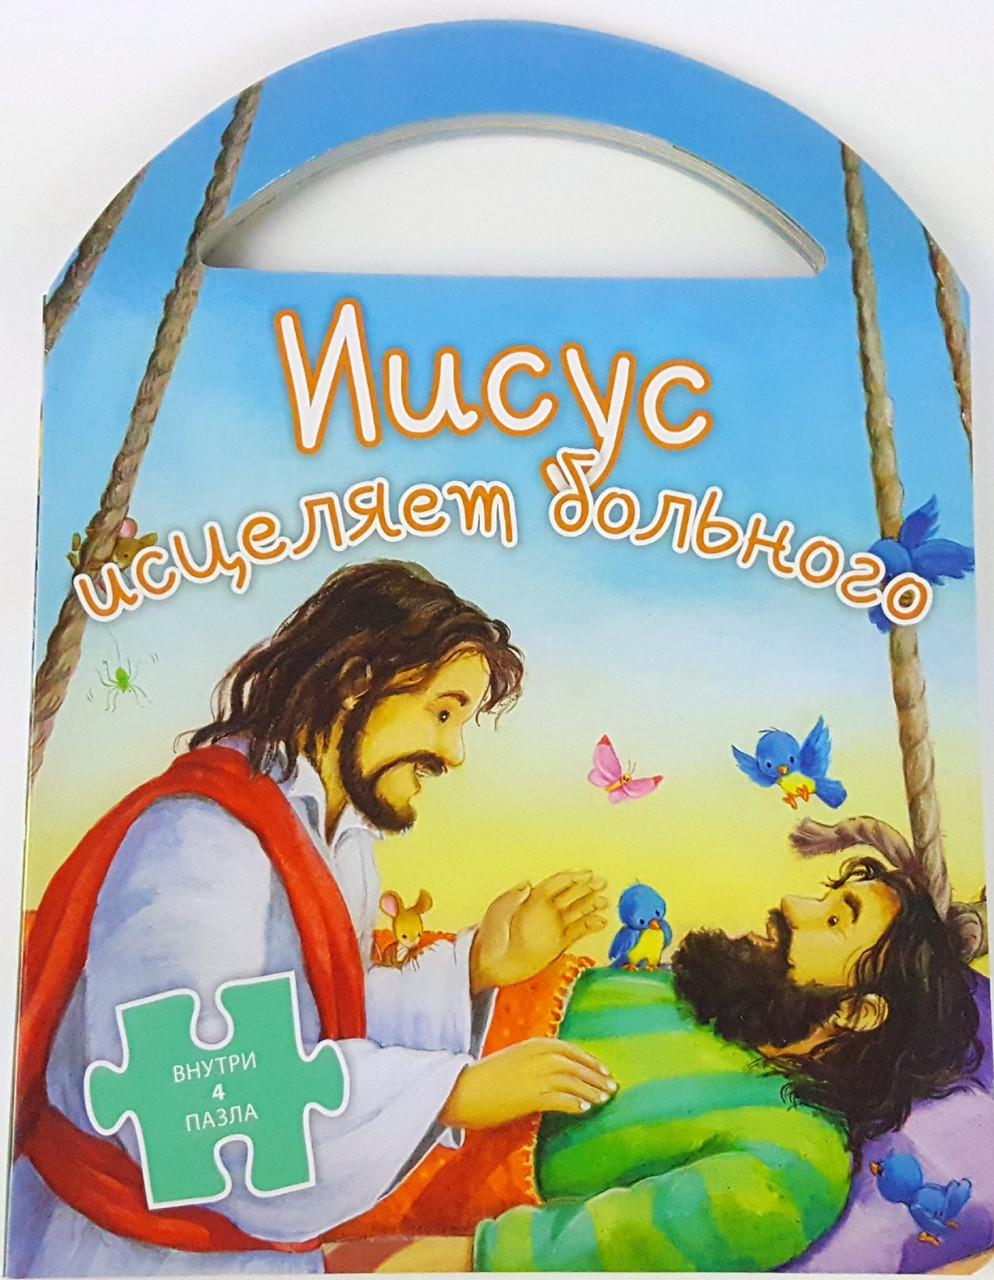 Иисус исцеляет больного. Чемоданчик -пазлы